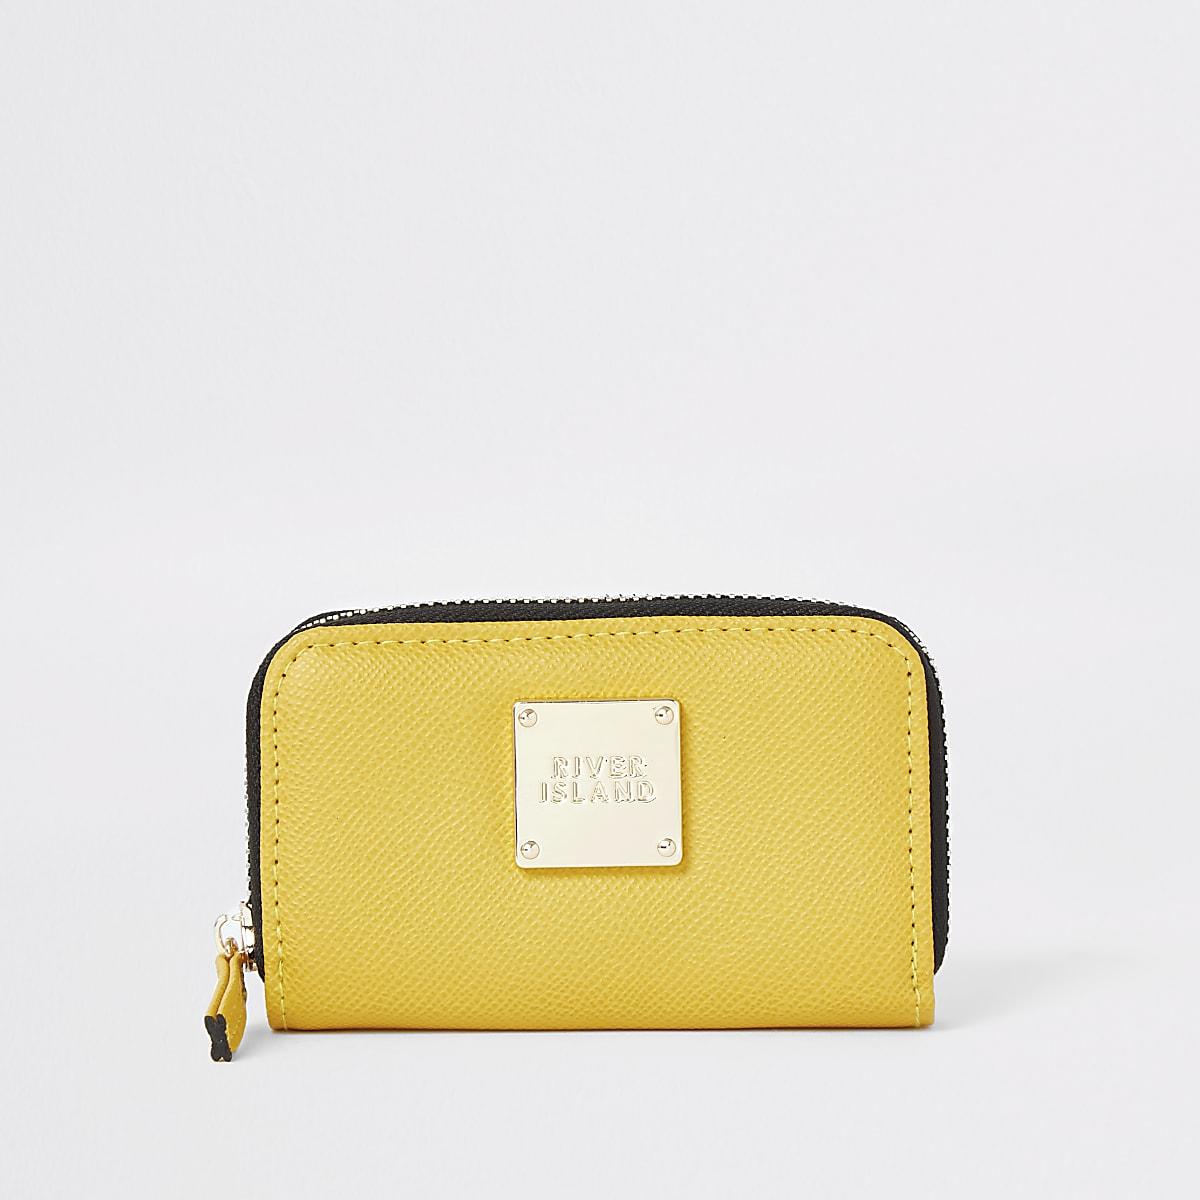 Gele kleine portemonnee met rits rondom